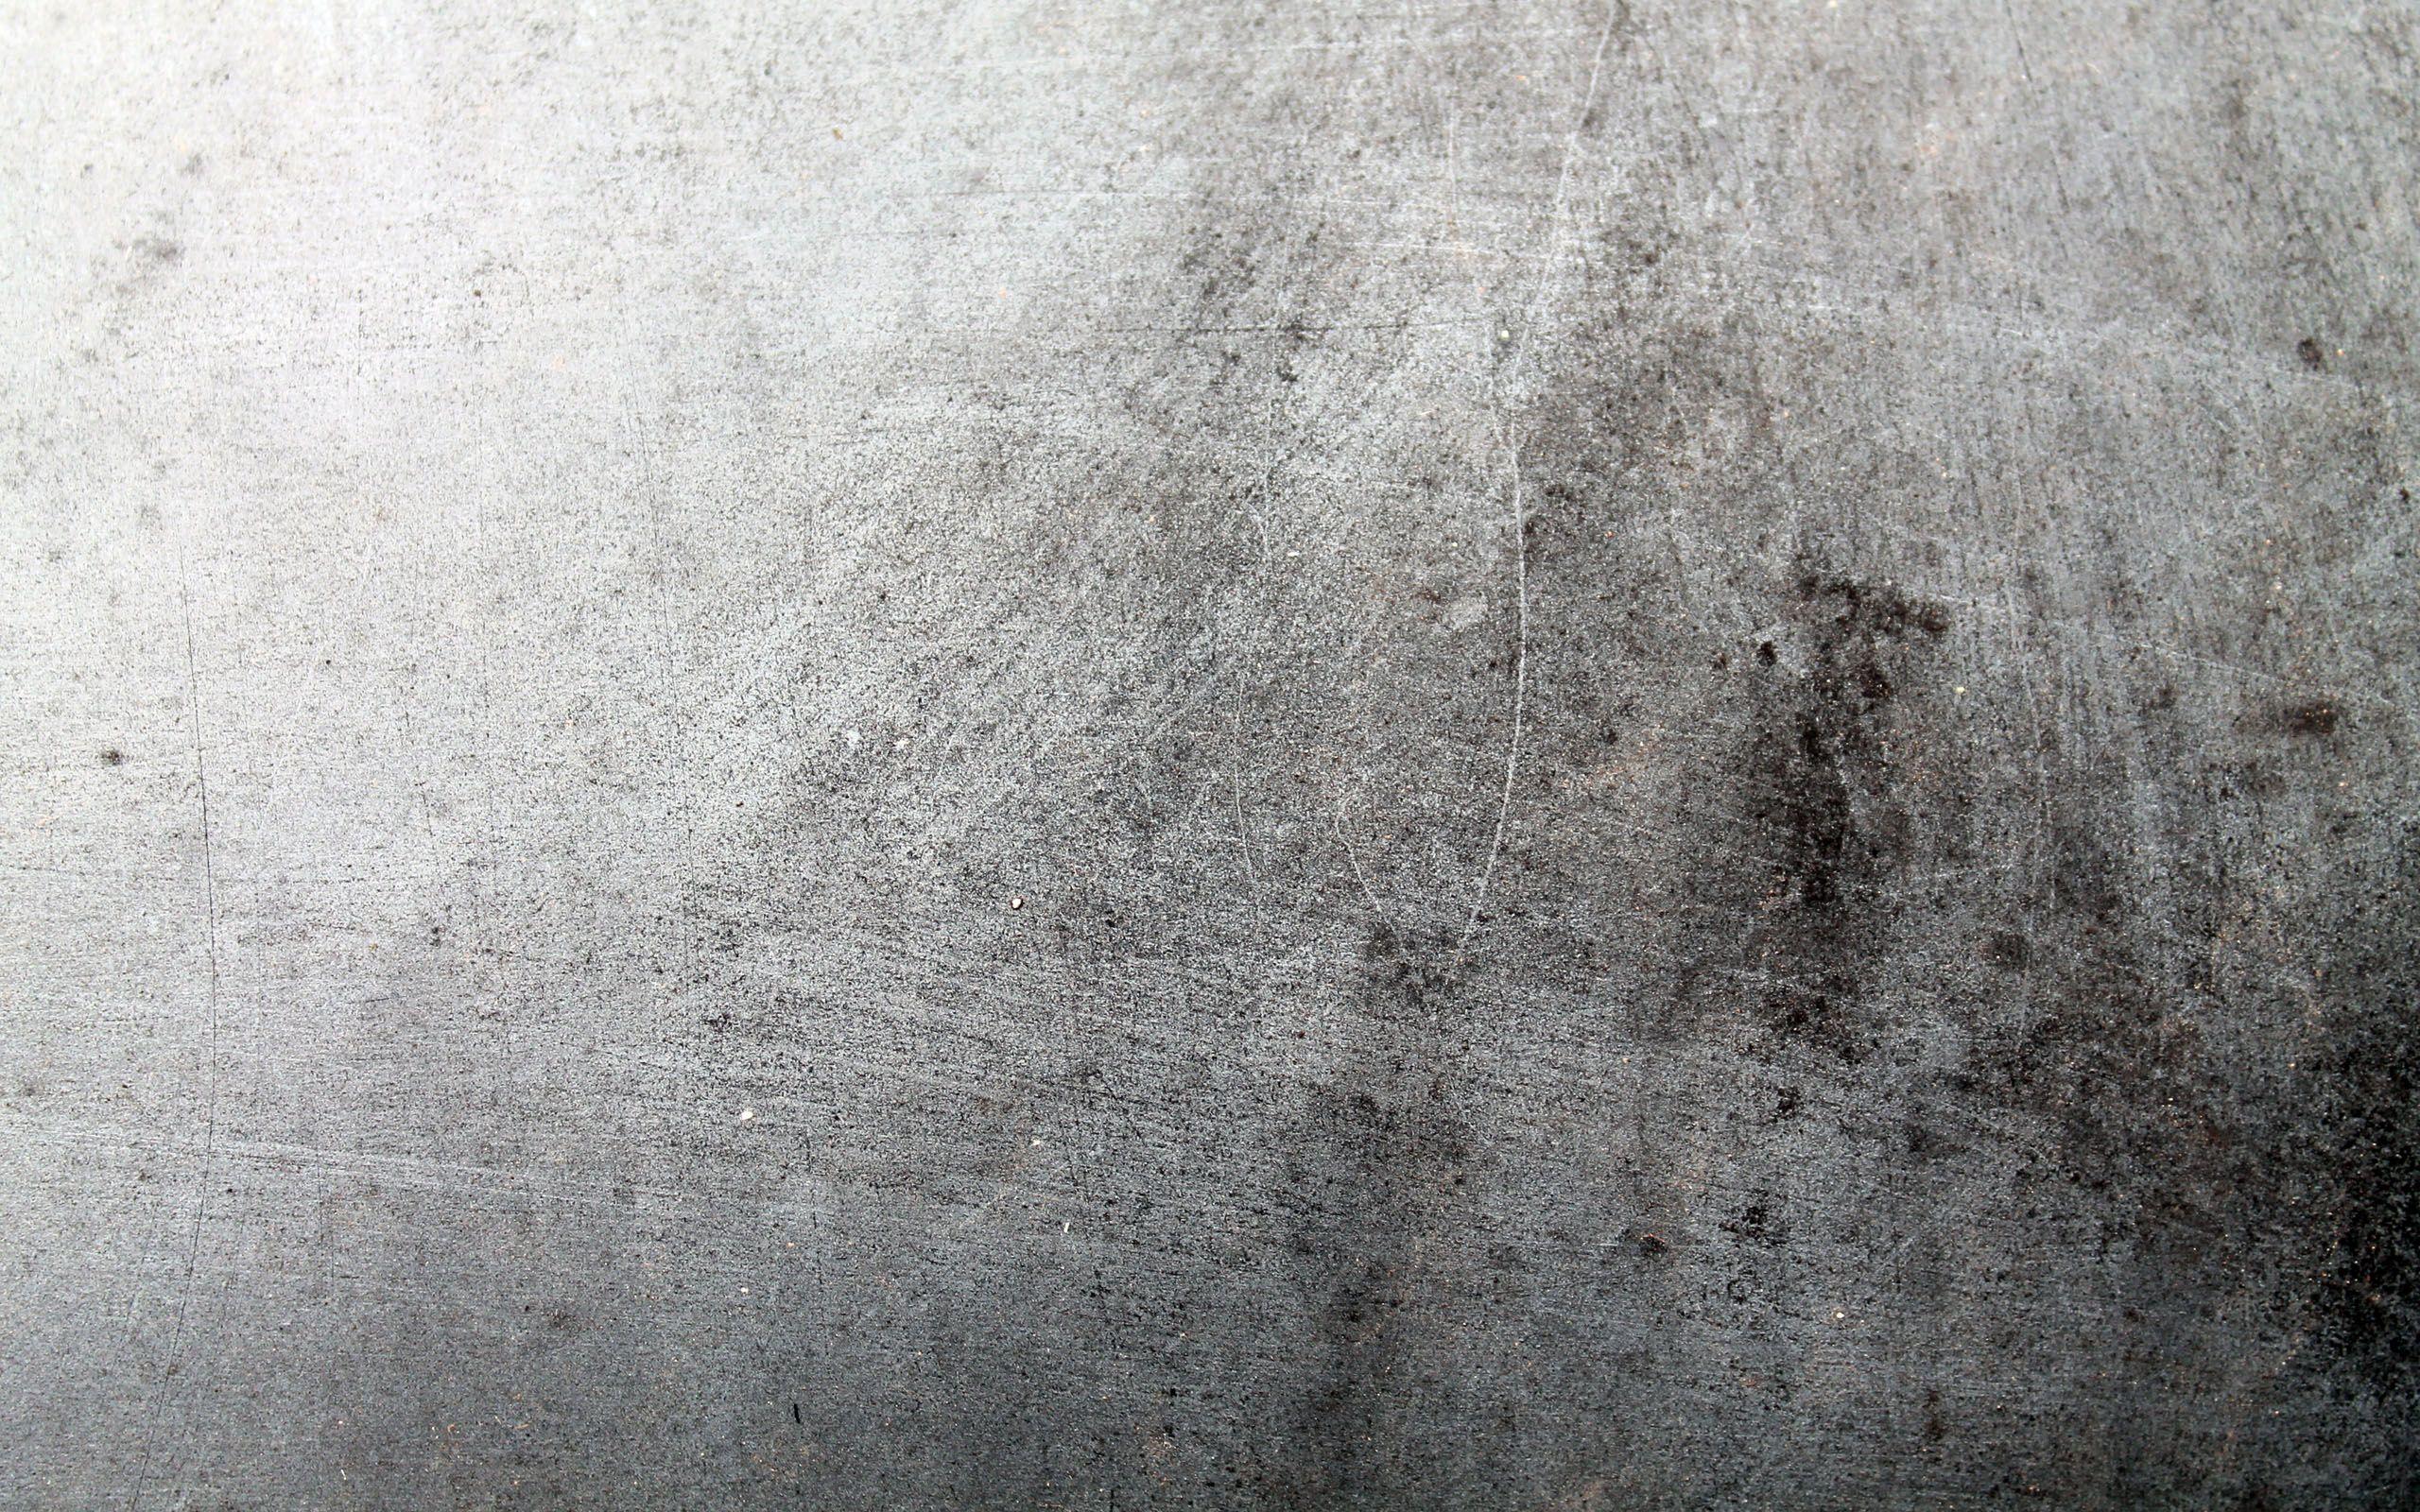 Scratched Concrete Wallpaper 6019 2560x1600 Umad Com Wallpaper Zone Concrete Wallpaper Grey Concrete Wallpaper Iphone Wallpaper Texture